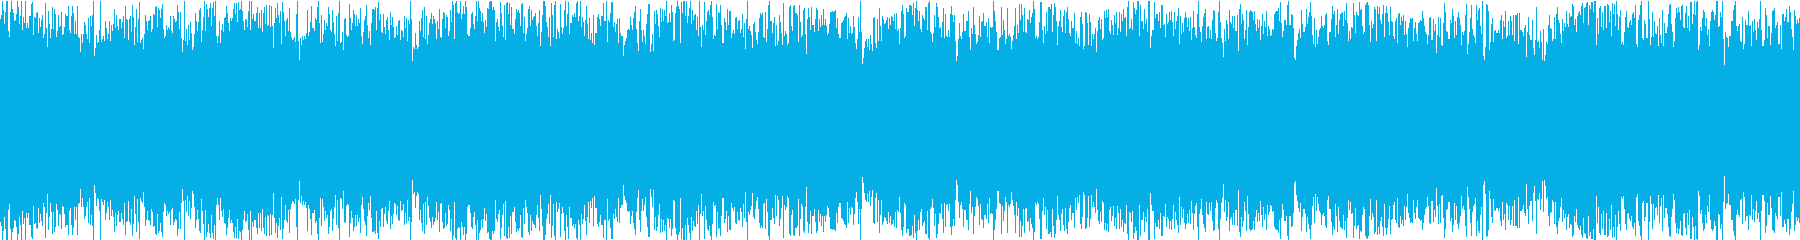 侍忍者ゲームシネマティック刀ループの再生済みの波形